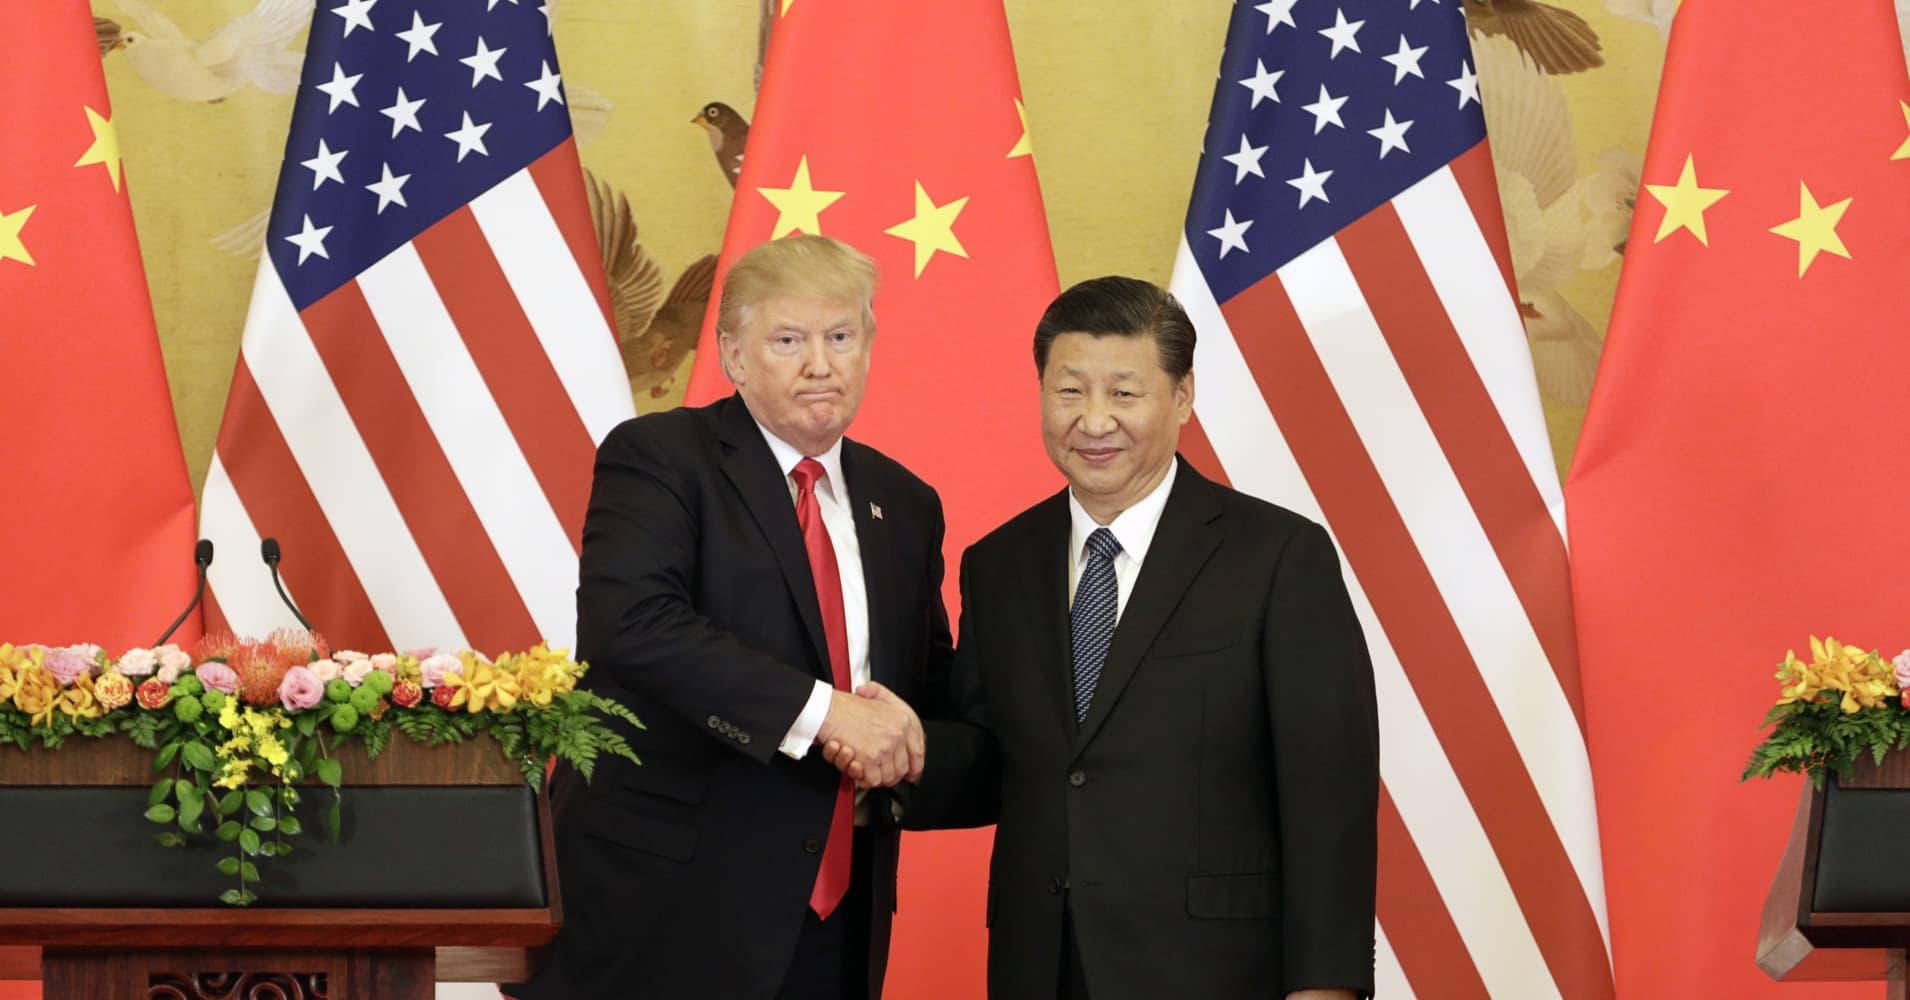 European stocks open slightly higher on hopes of Sino-US talks